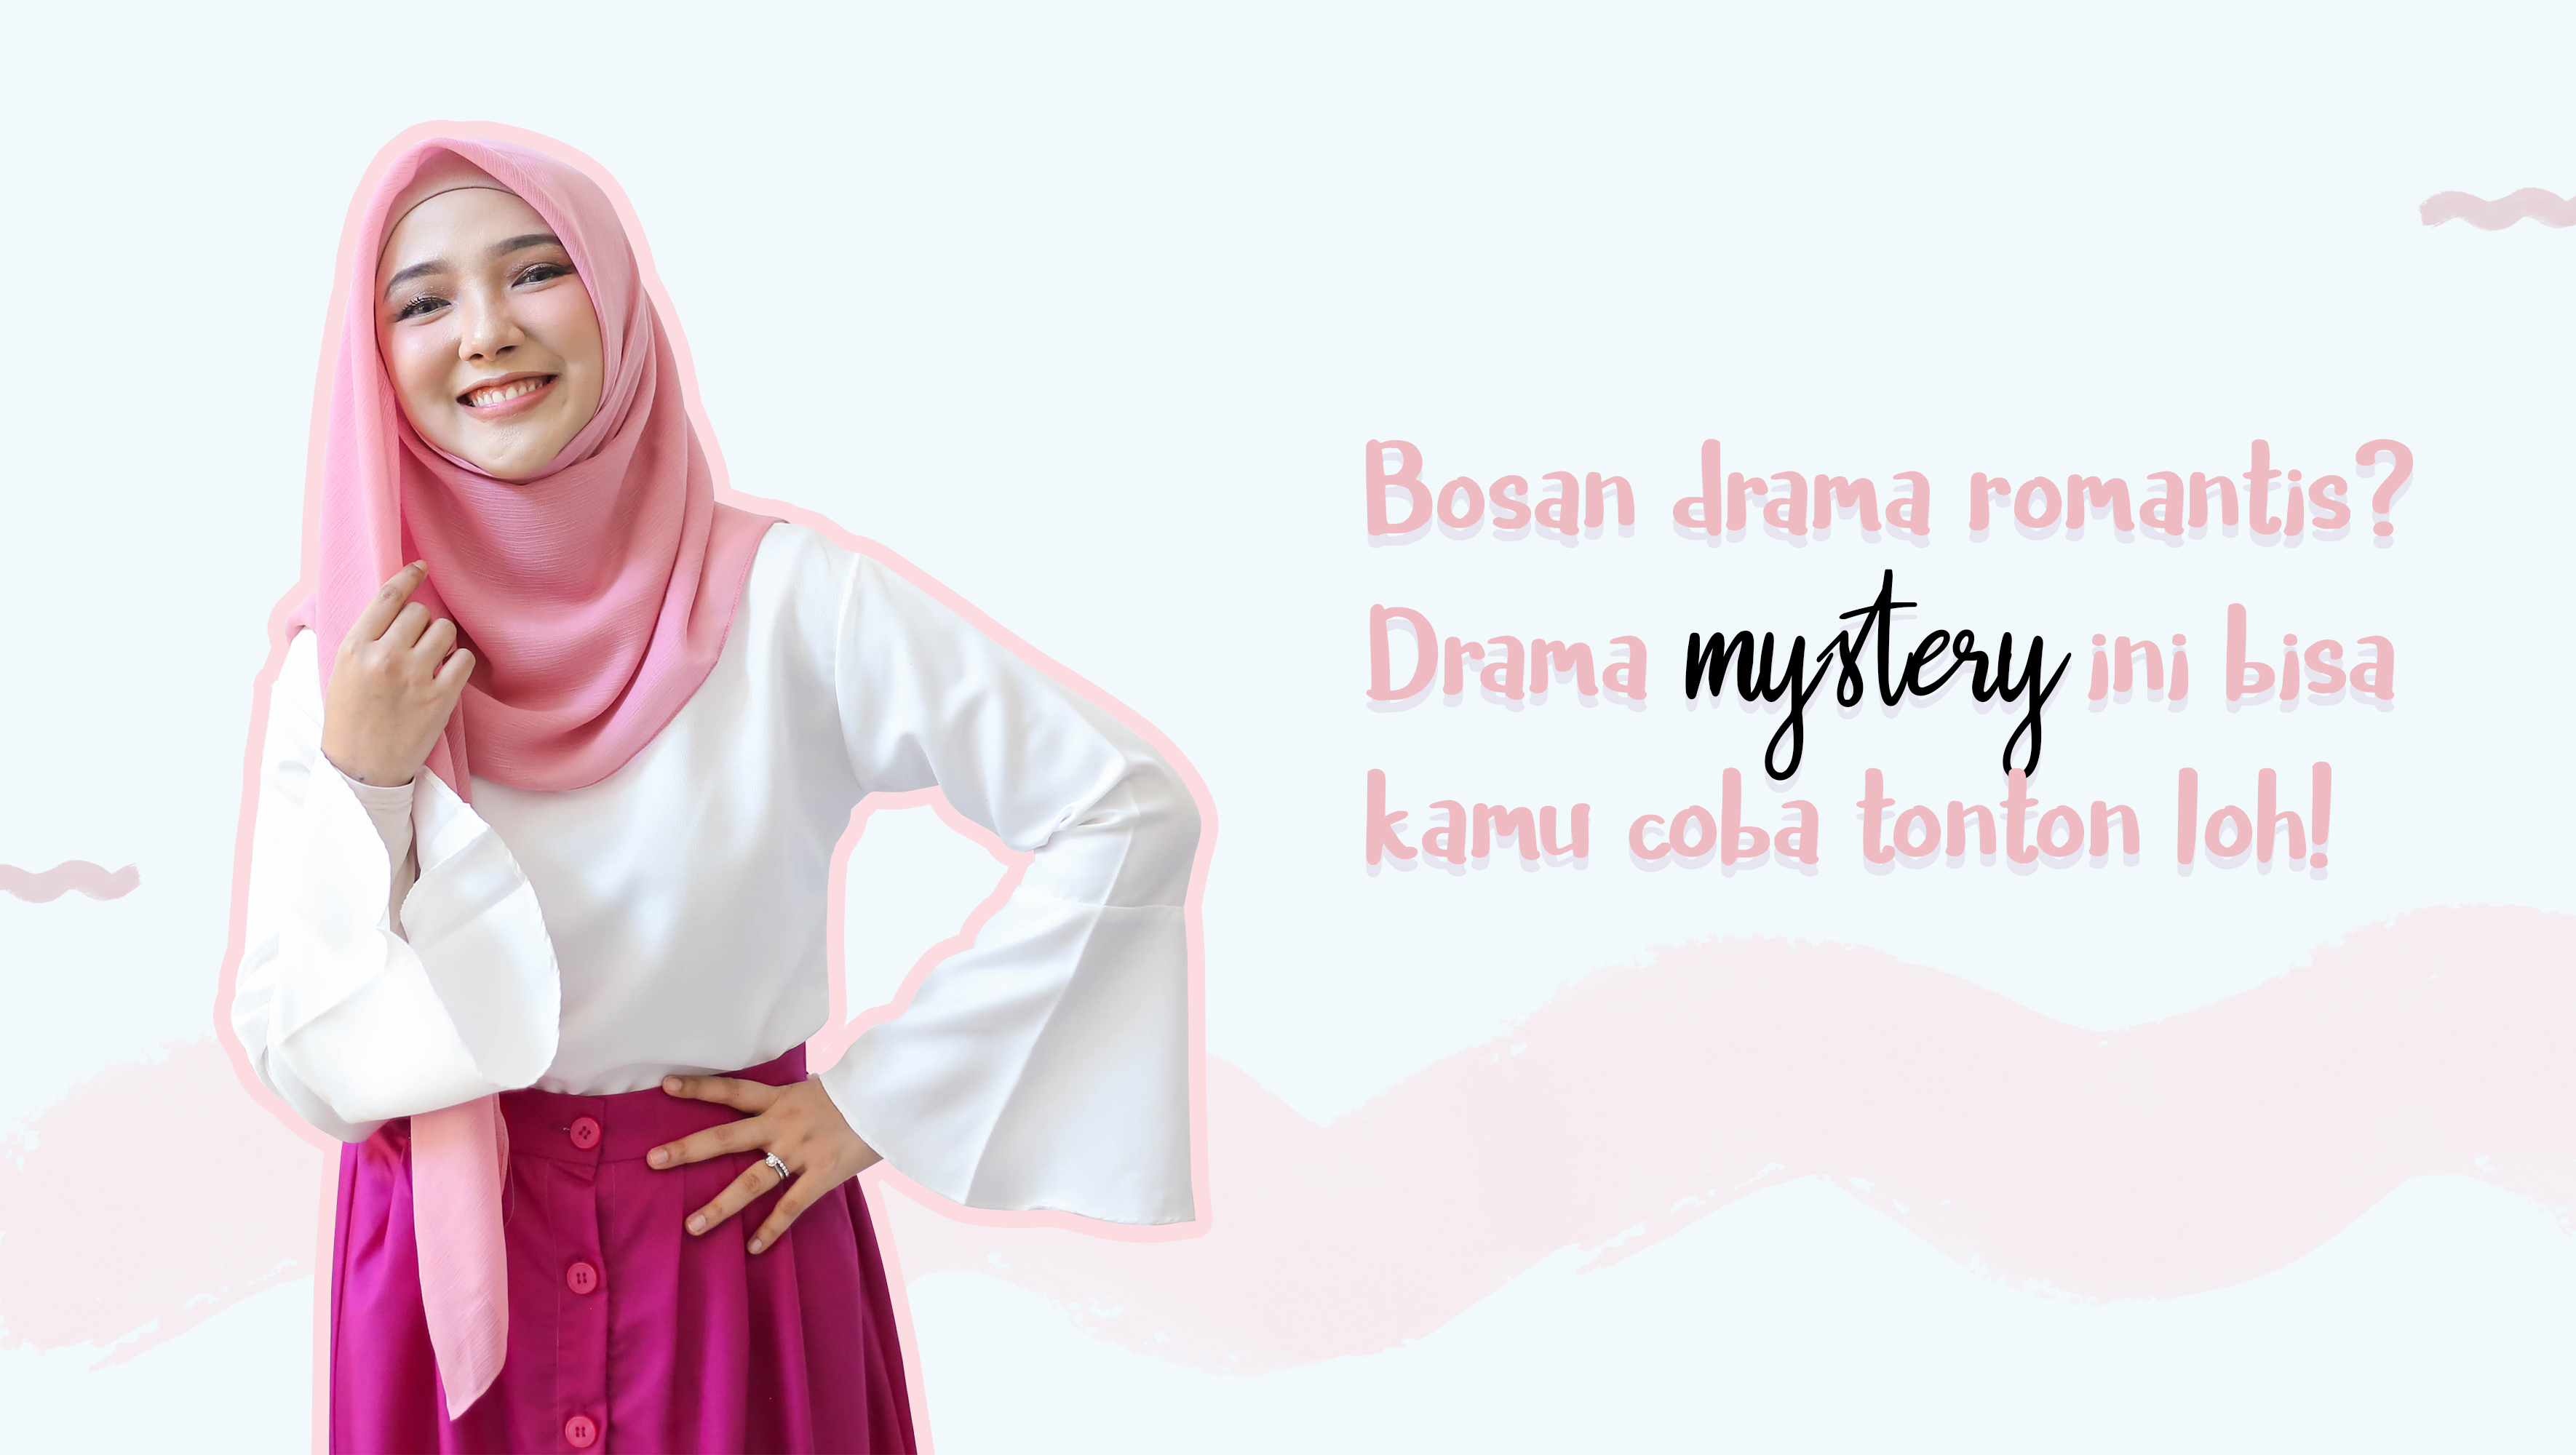 Bosen drama Romantis? Drama Mystery ini bisa kamu coba tonton loh! image